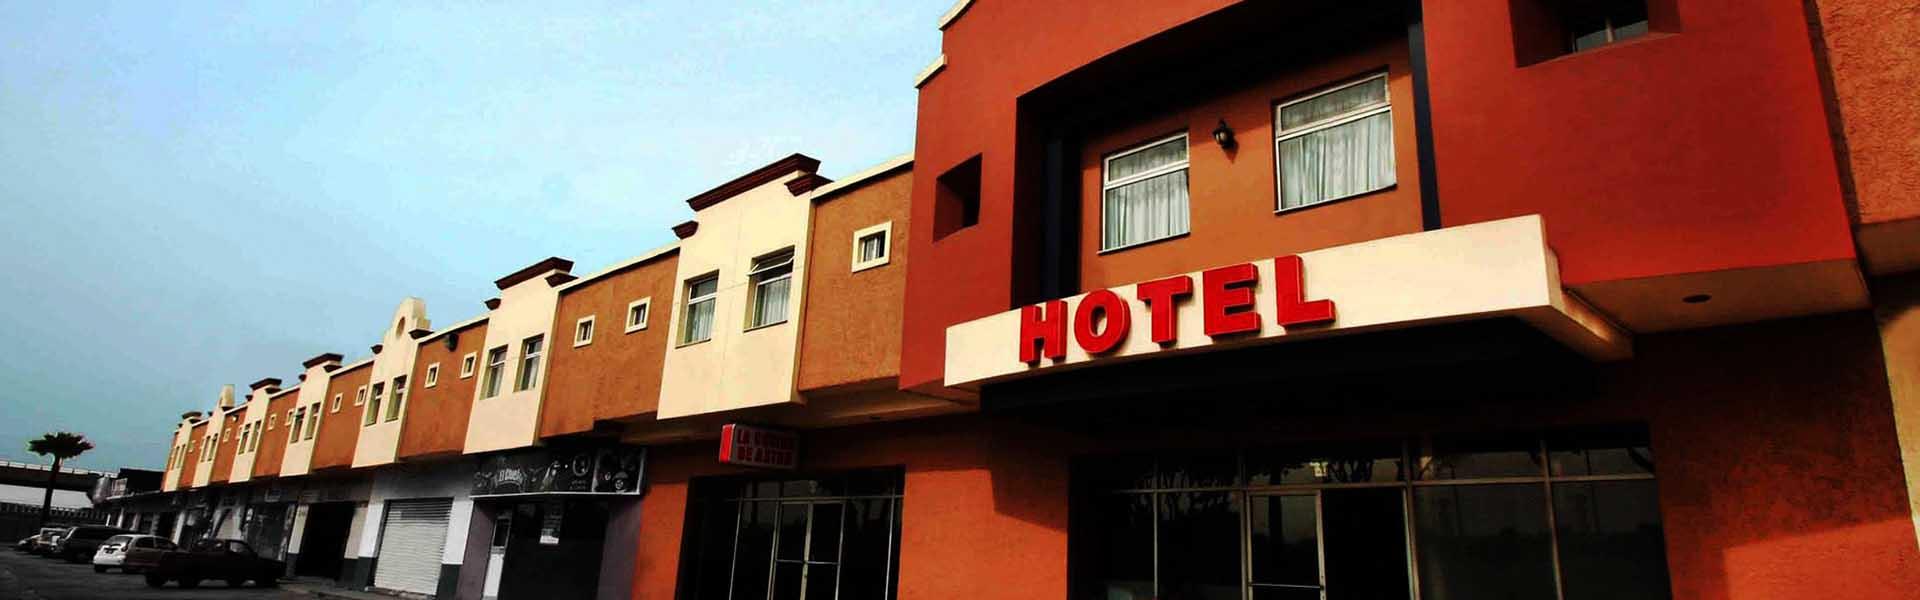 hotel-astor-tijuana